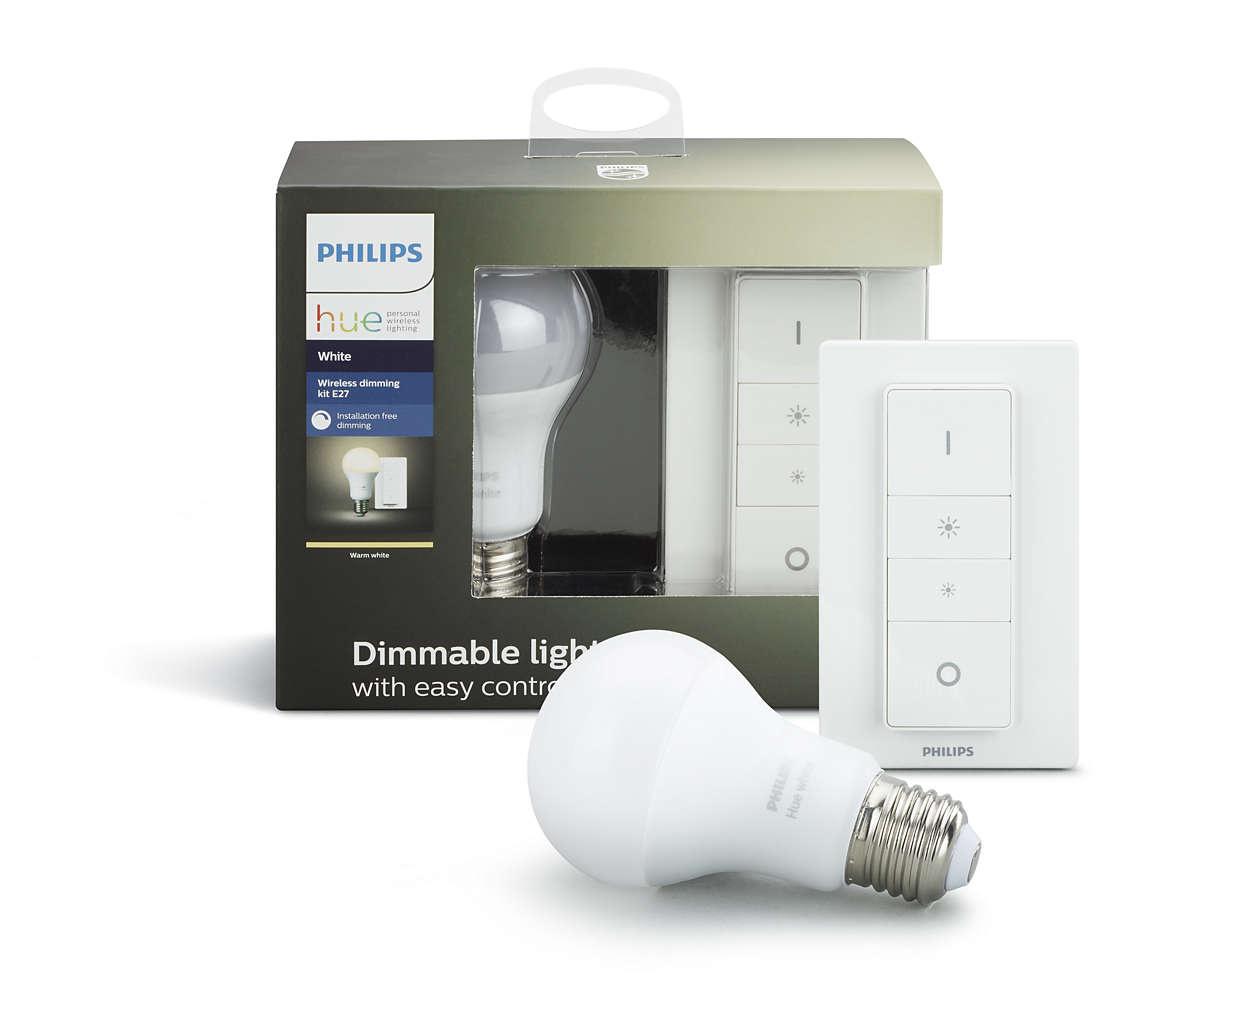 PHILIPS Hue Dimming KIT,White ( 1x žárovka 9,5W A60 2700K DIM E27 + 1x ovladač se stmíváním )